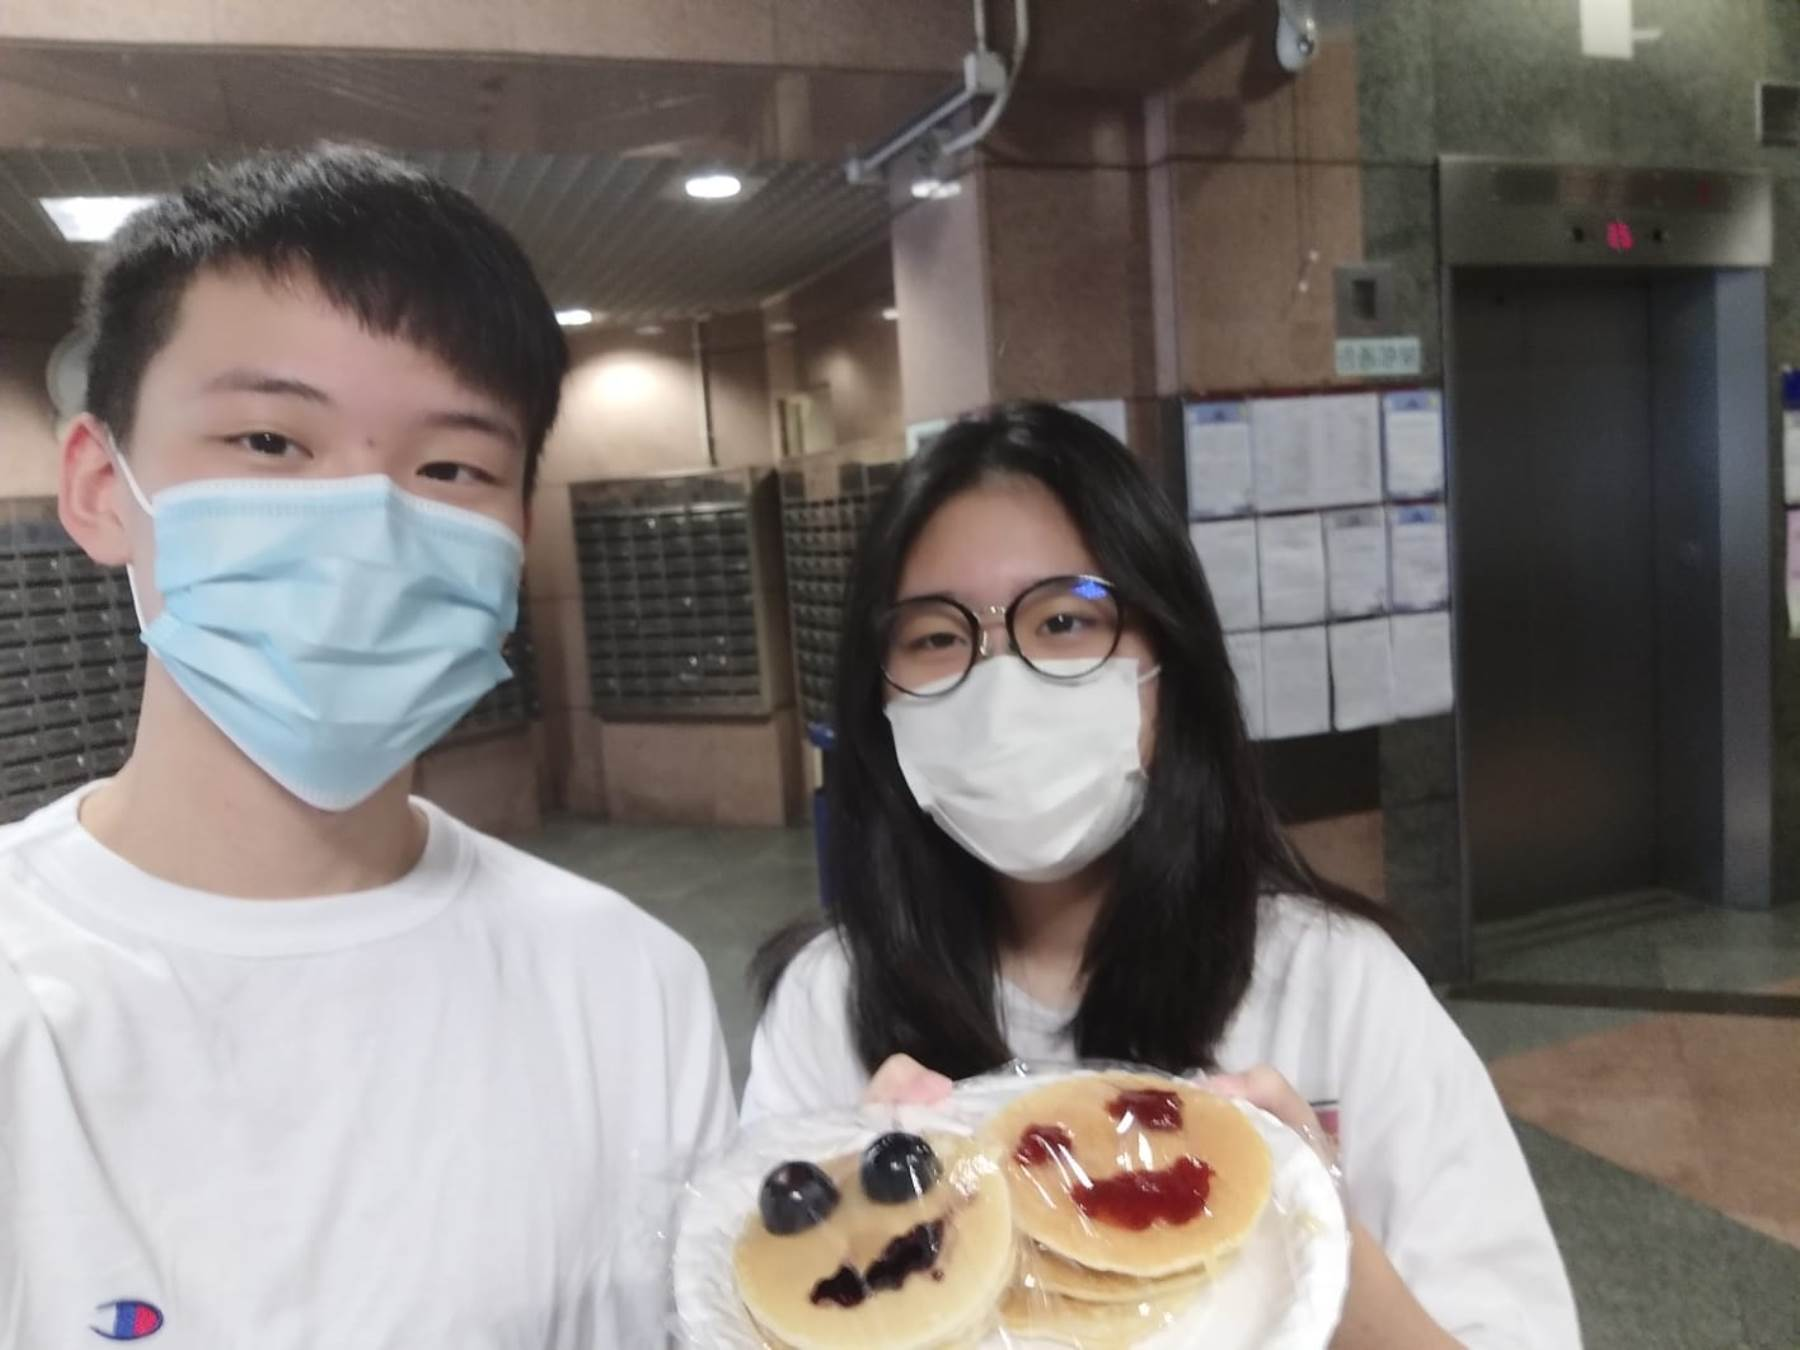 https://npc.edu.hk/sites/default/files/wu_jia_zheng_2.jpeg